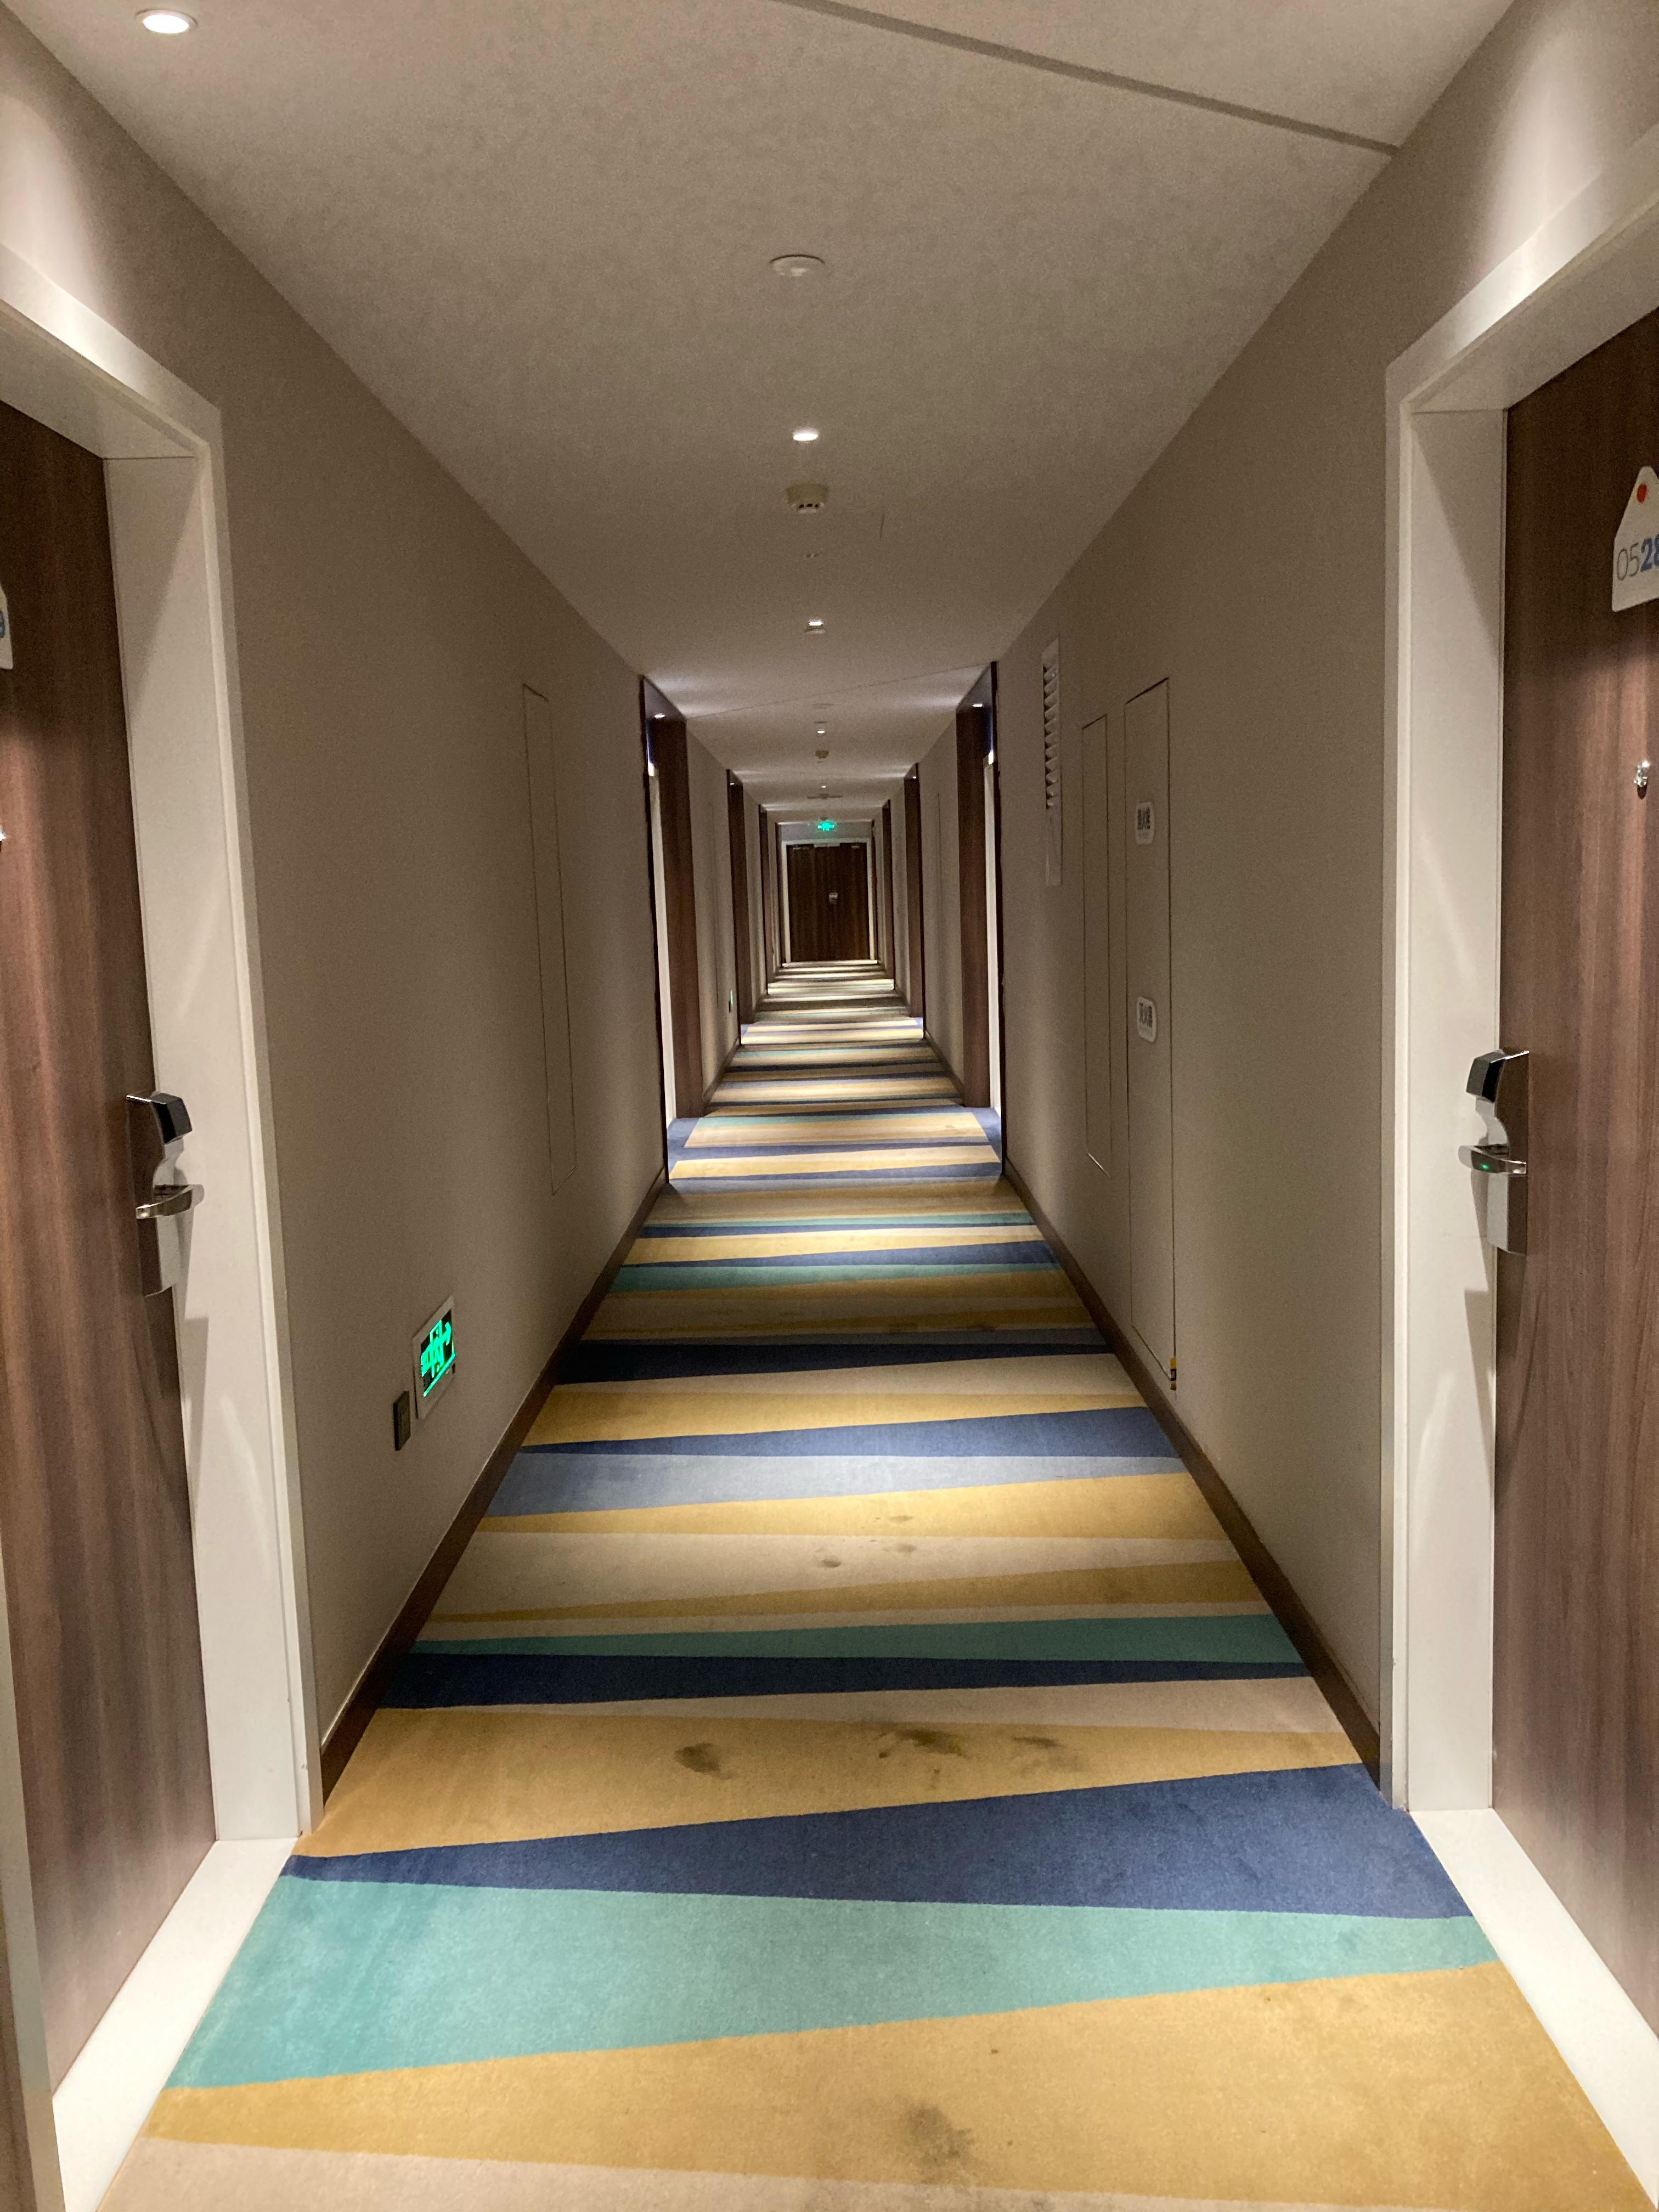 西安钟楼智选假日酒店-跨年夜入住体验